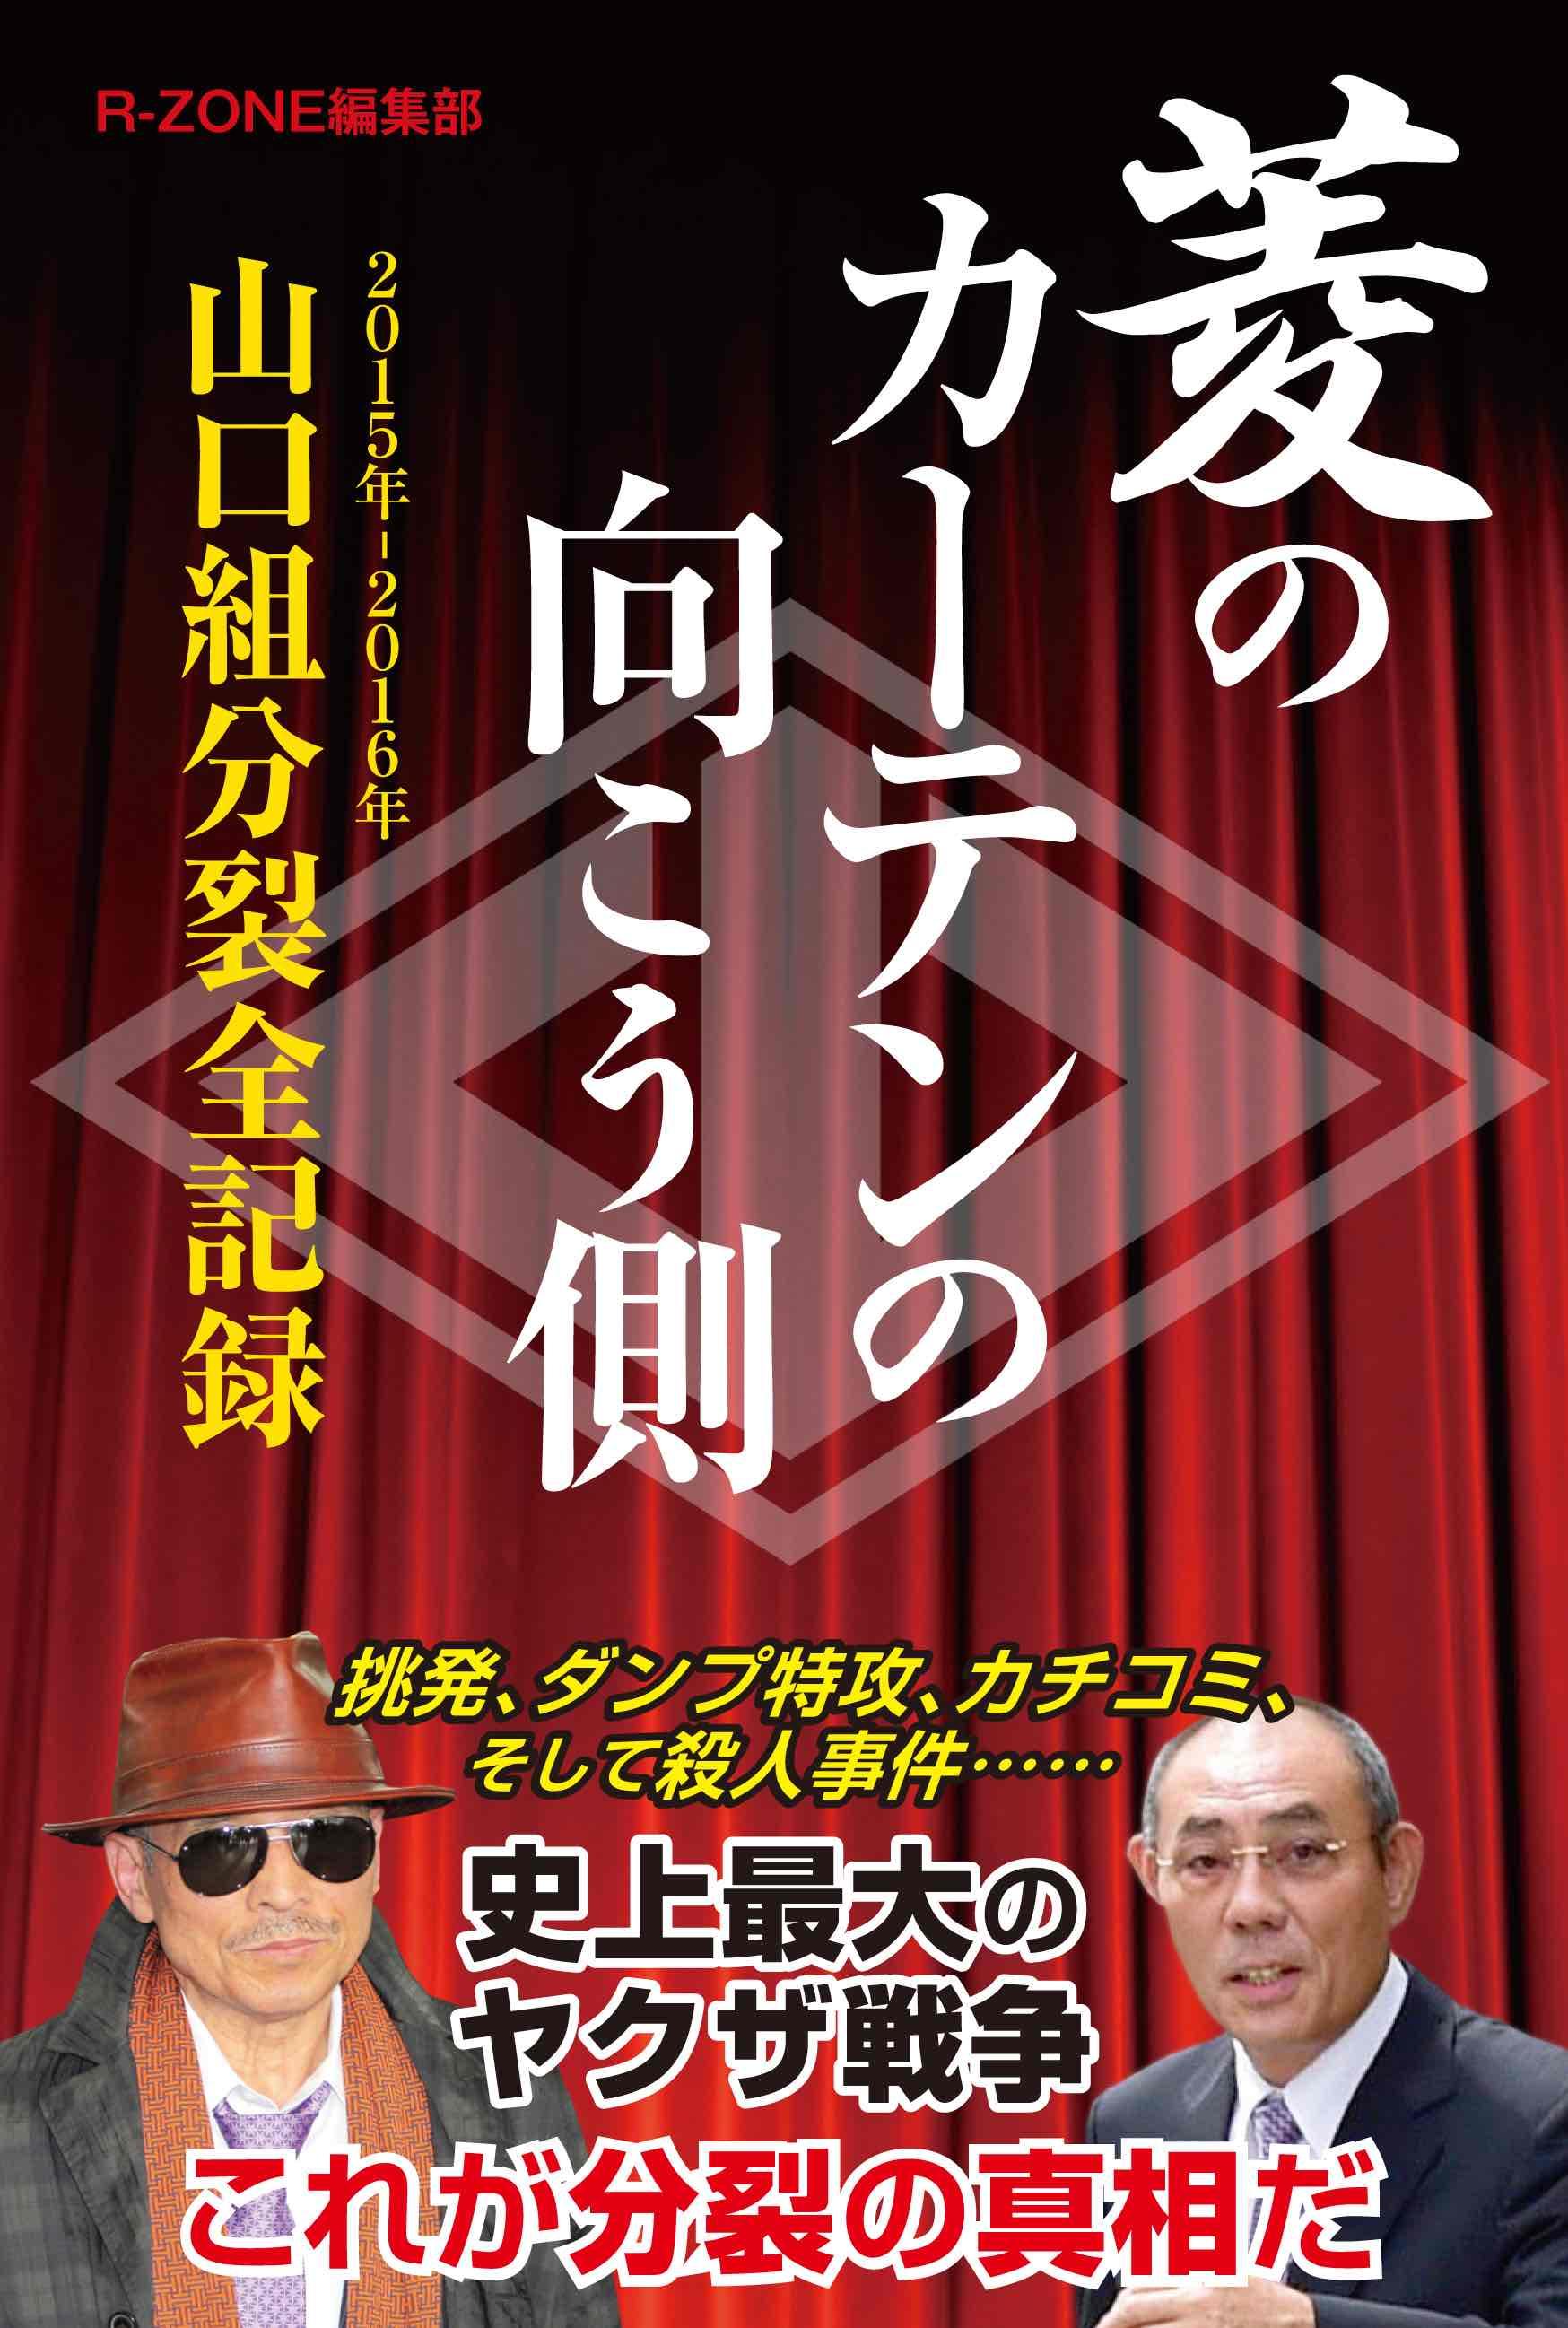 神戸山口組・井上組長を再逮捕したのは、あの京都府警…山口組壊滅を狙う「頂上作戦」開始か?の画像1